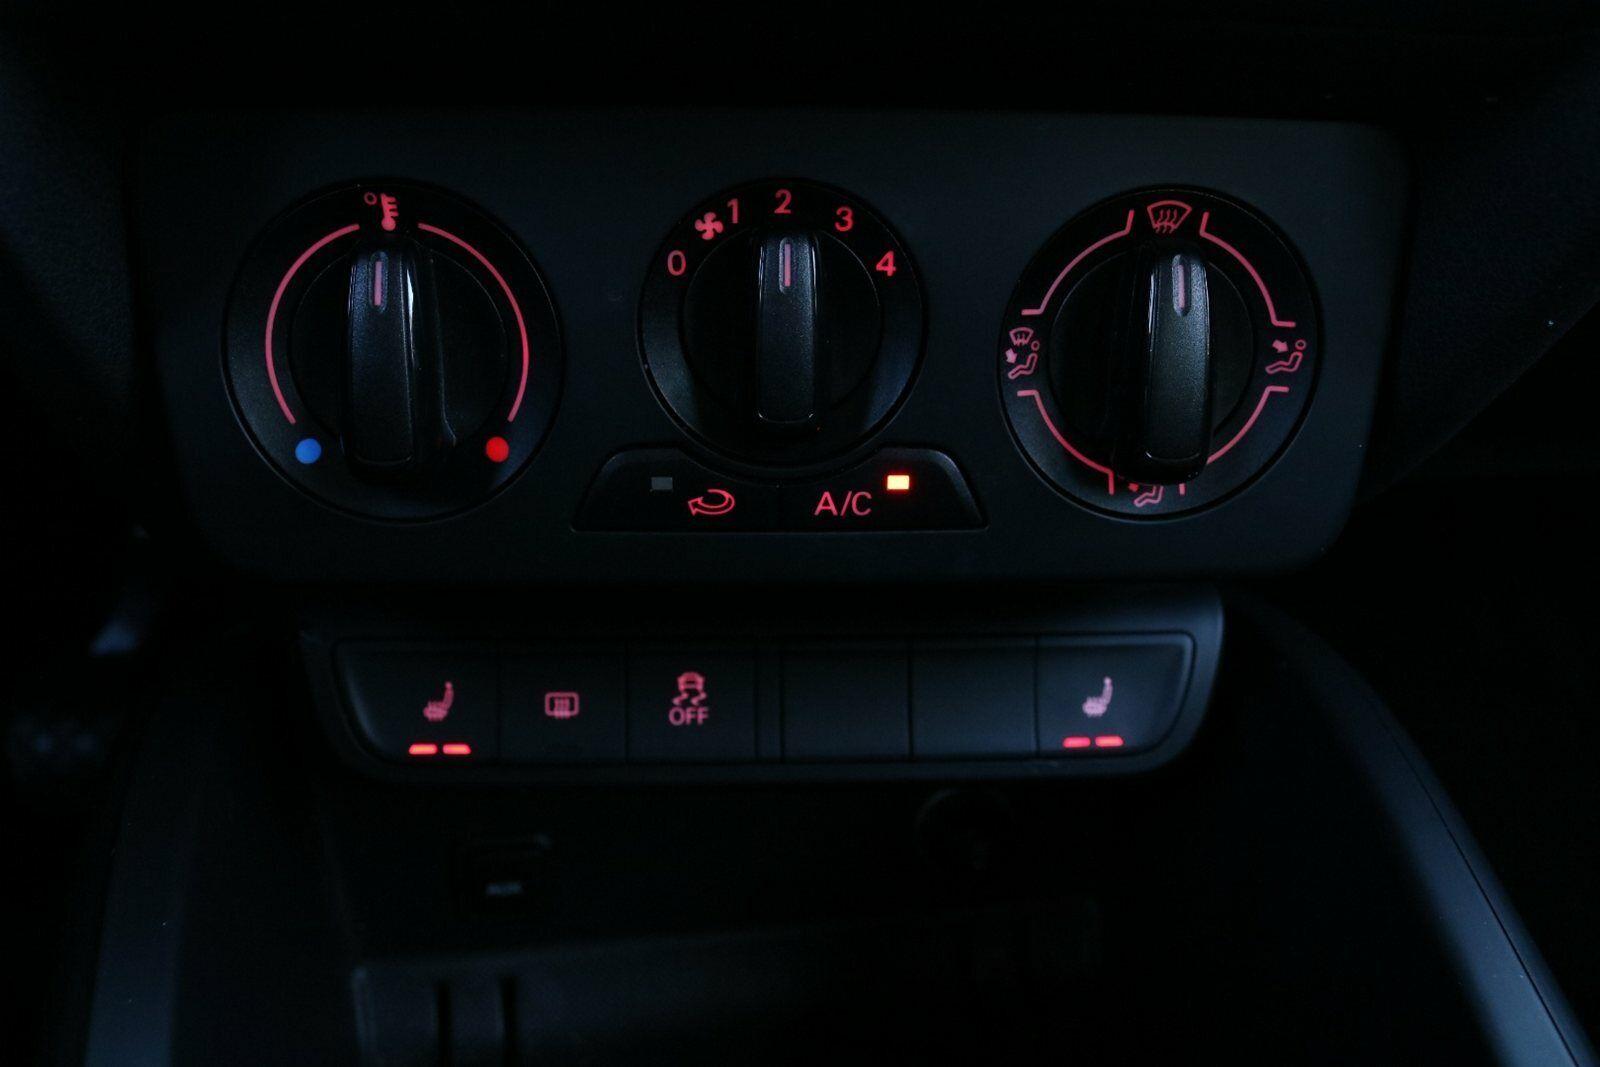 Audi A1 TFSi 125 SB